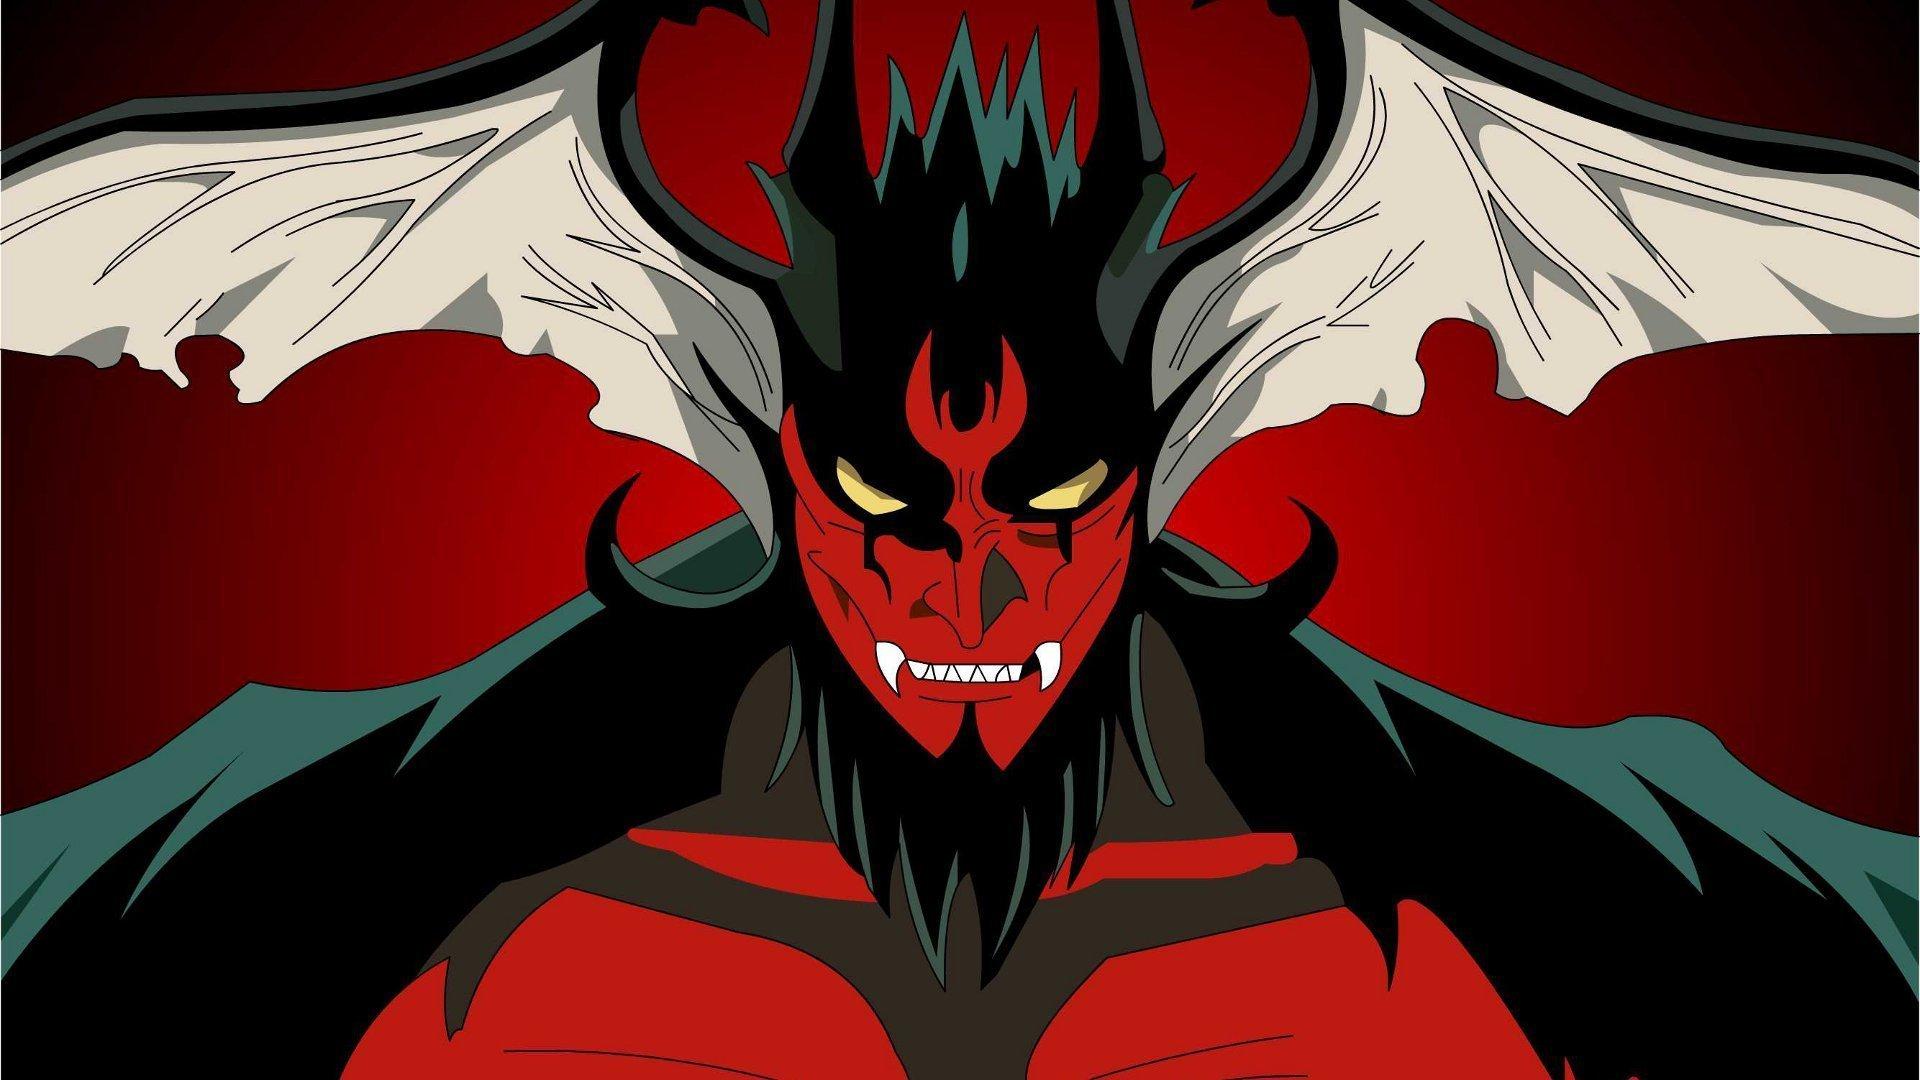 Devilman Know Your Meme